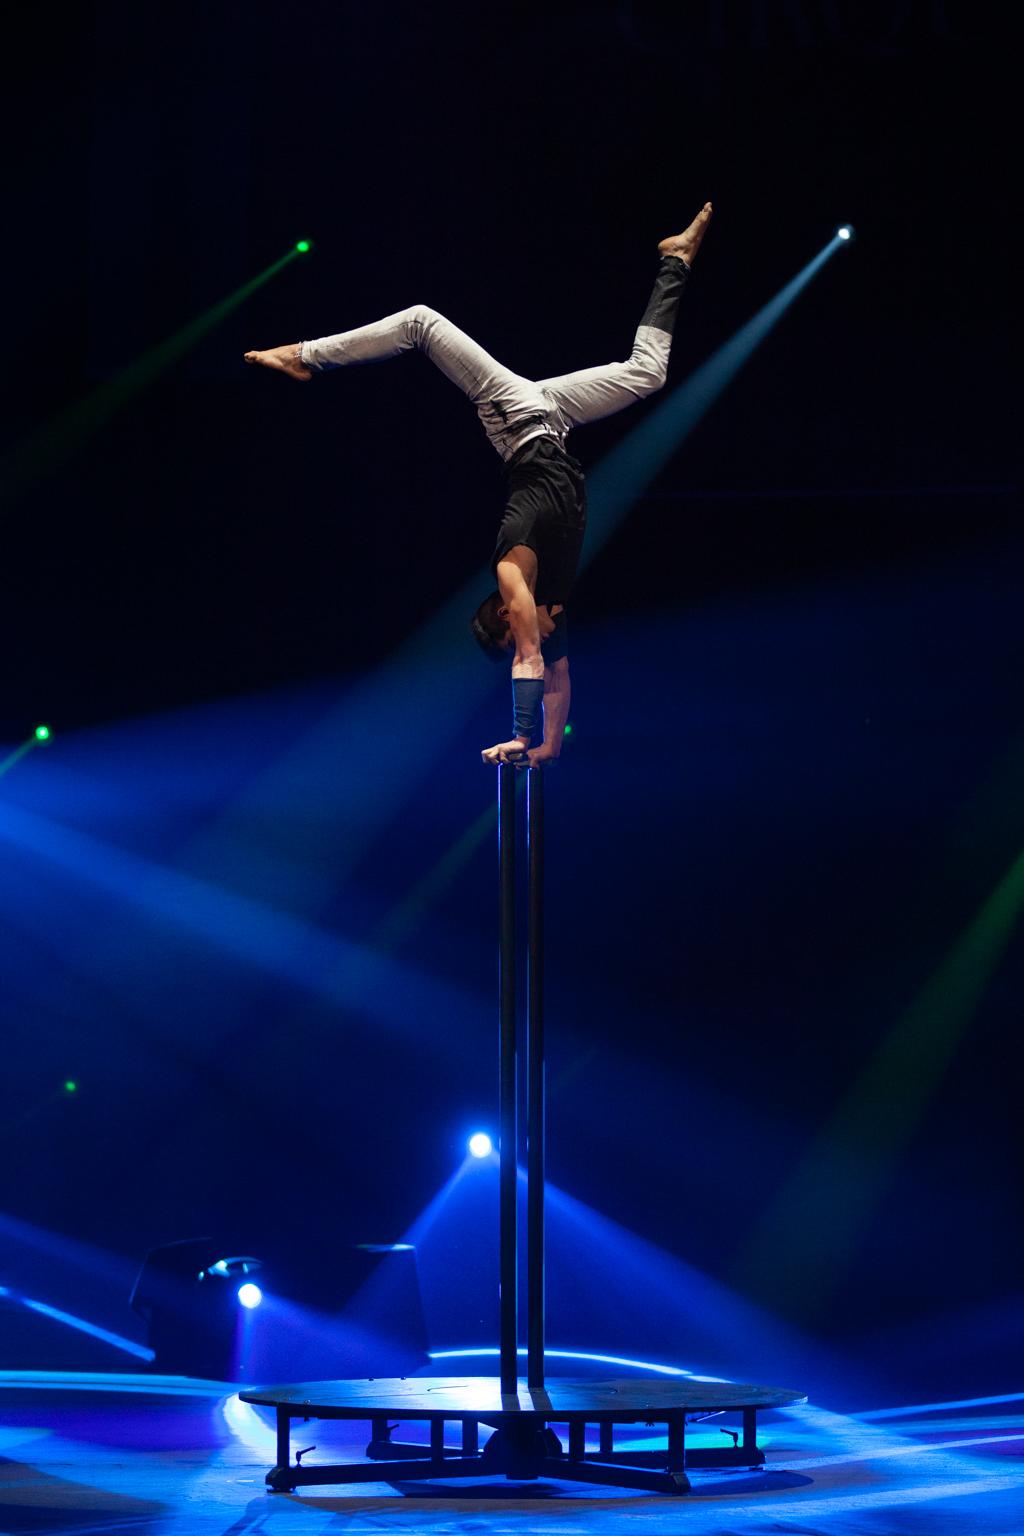 Festival Cirque Arobatie poirier dans les airs Evènement Photo Tom Atome